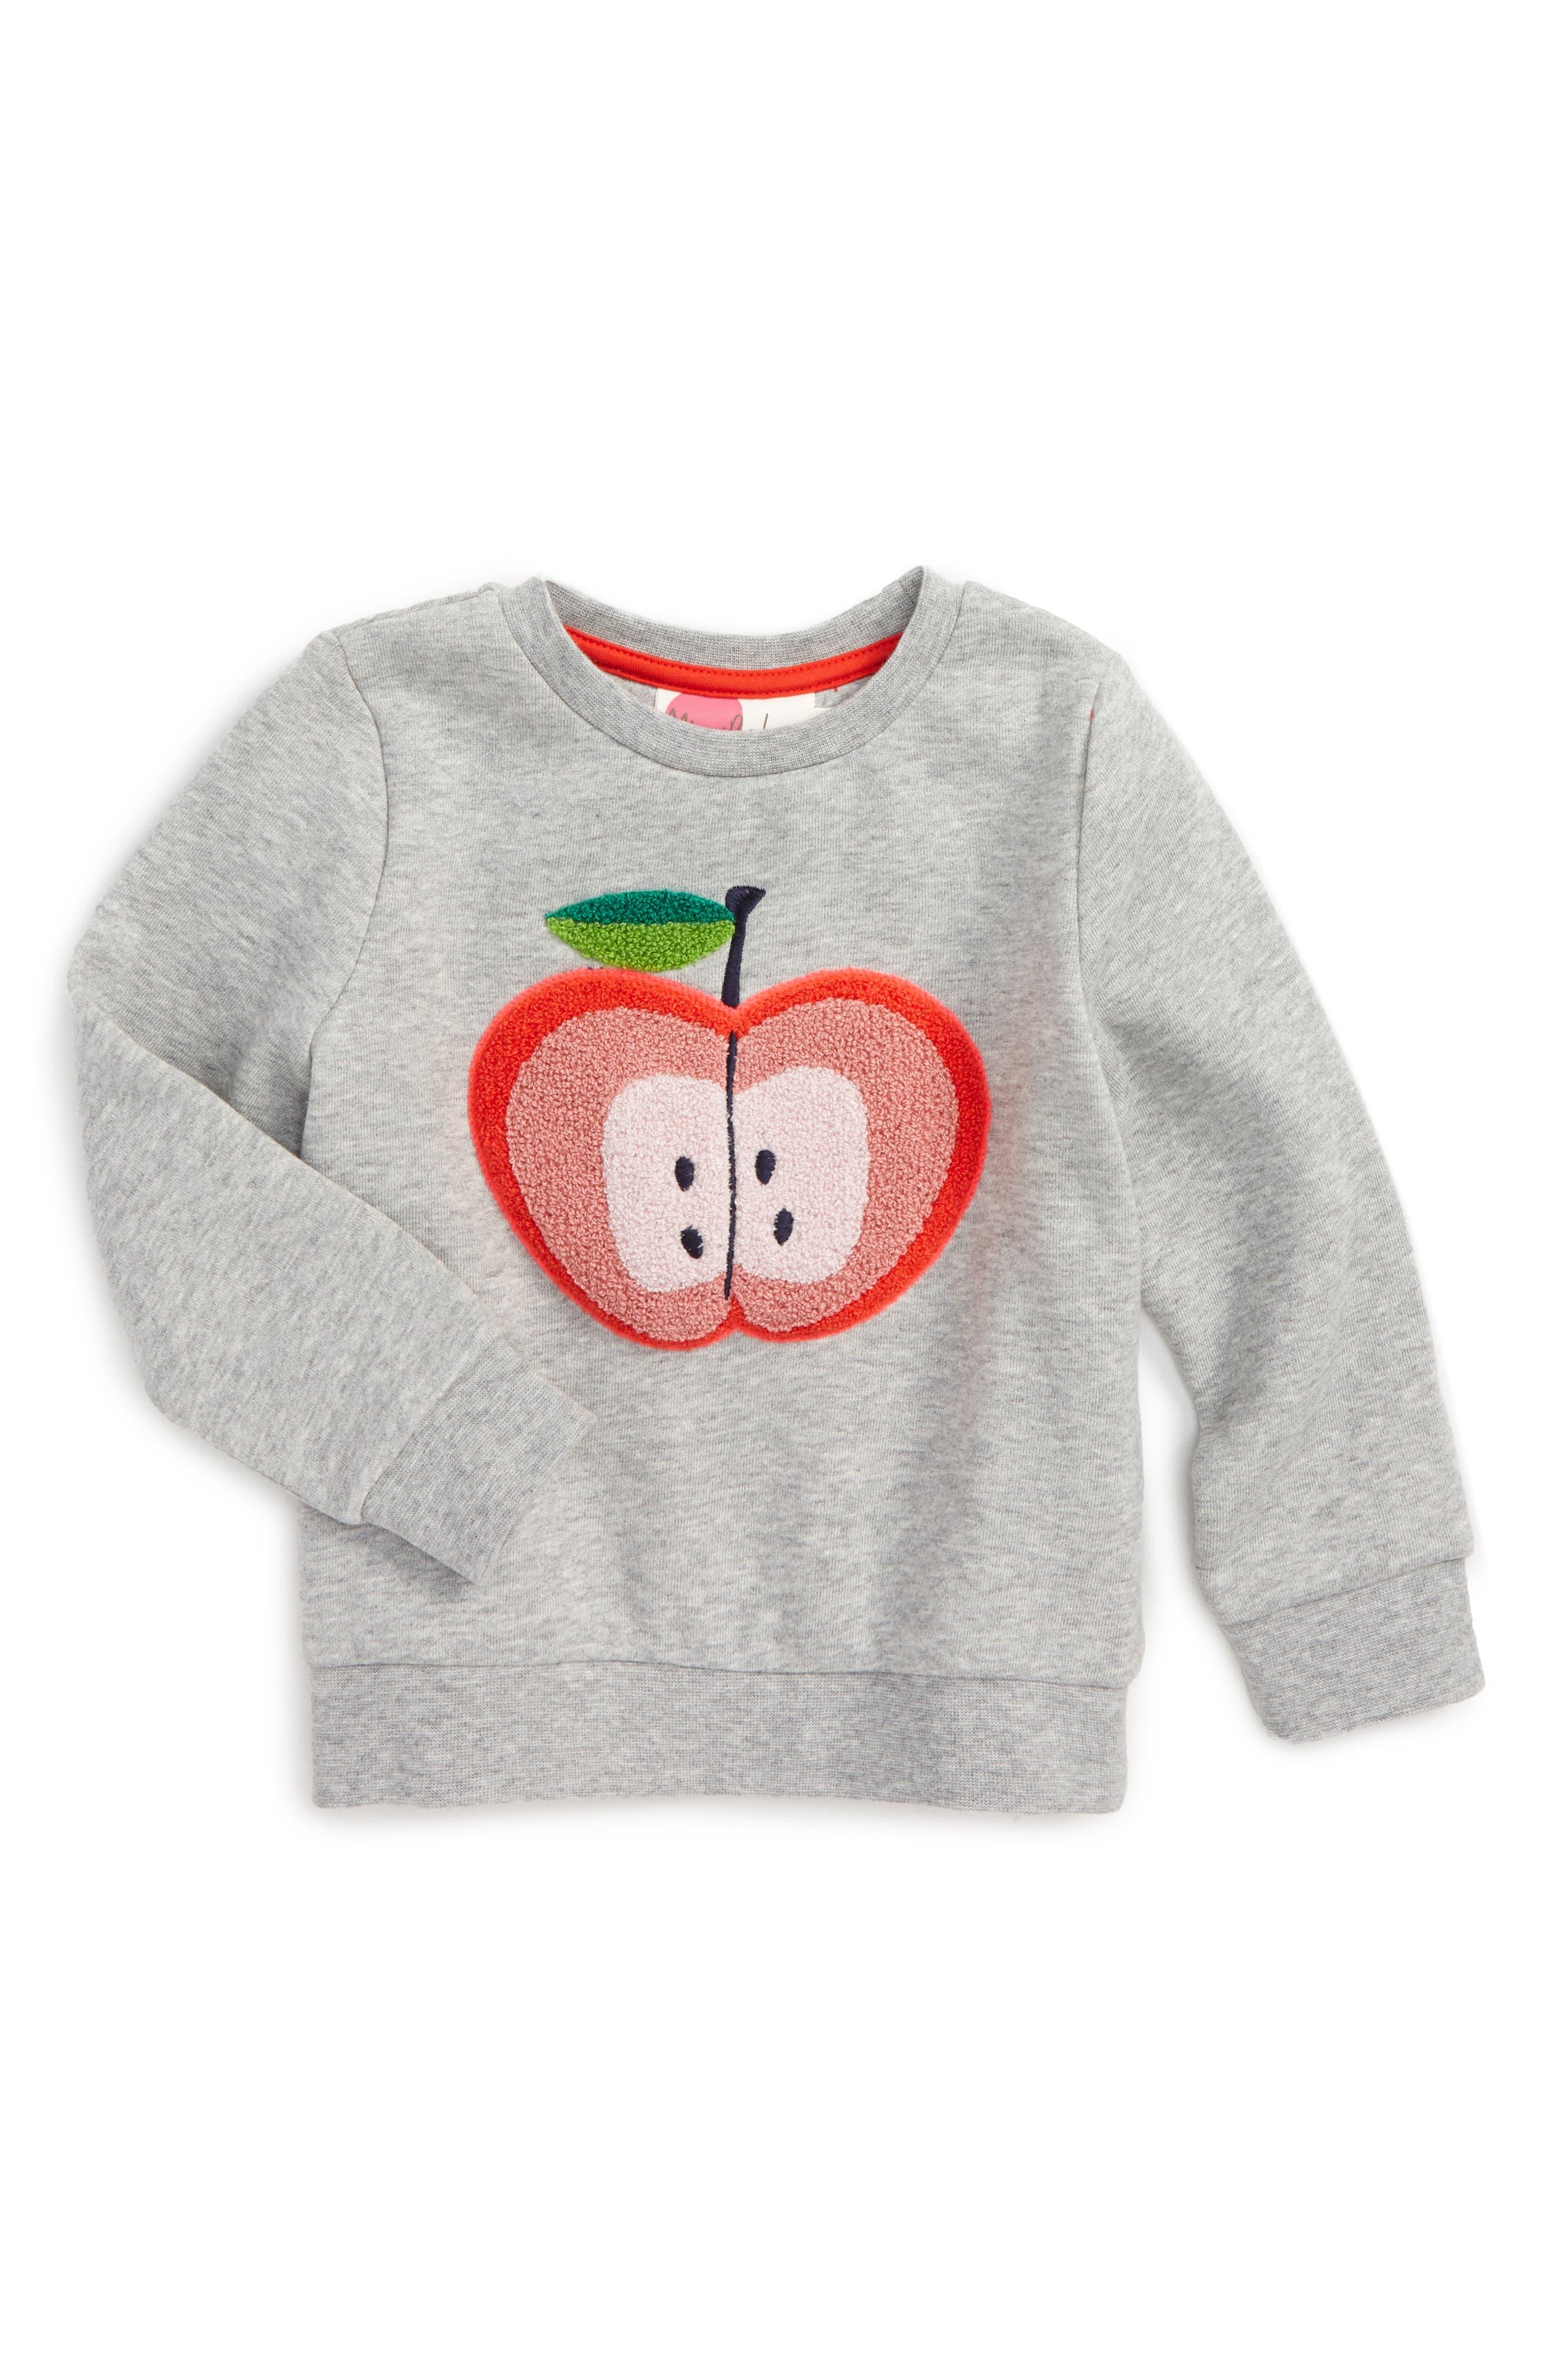 Mini Boden Bouclé Embroidered Sweatshirt (Toddler Girls, Little Girls & Big Girls)